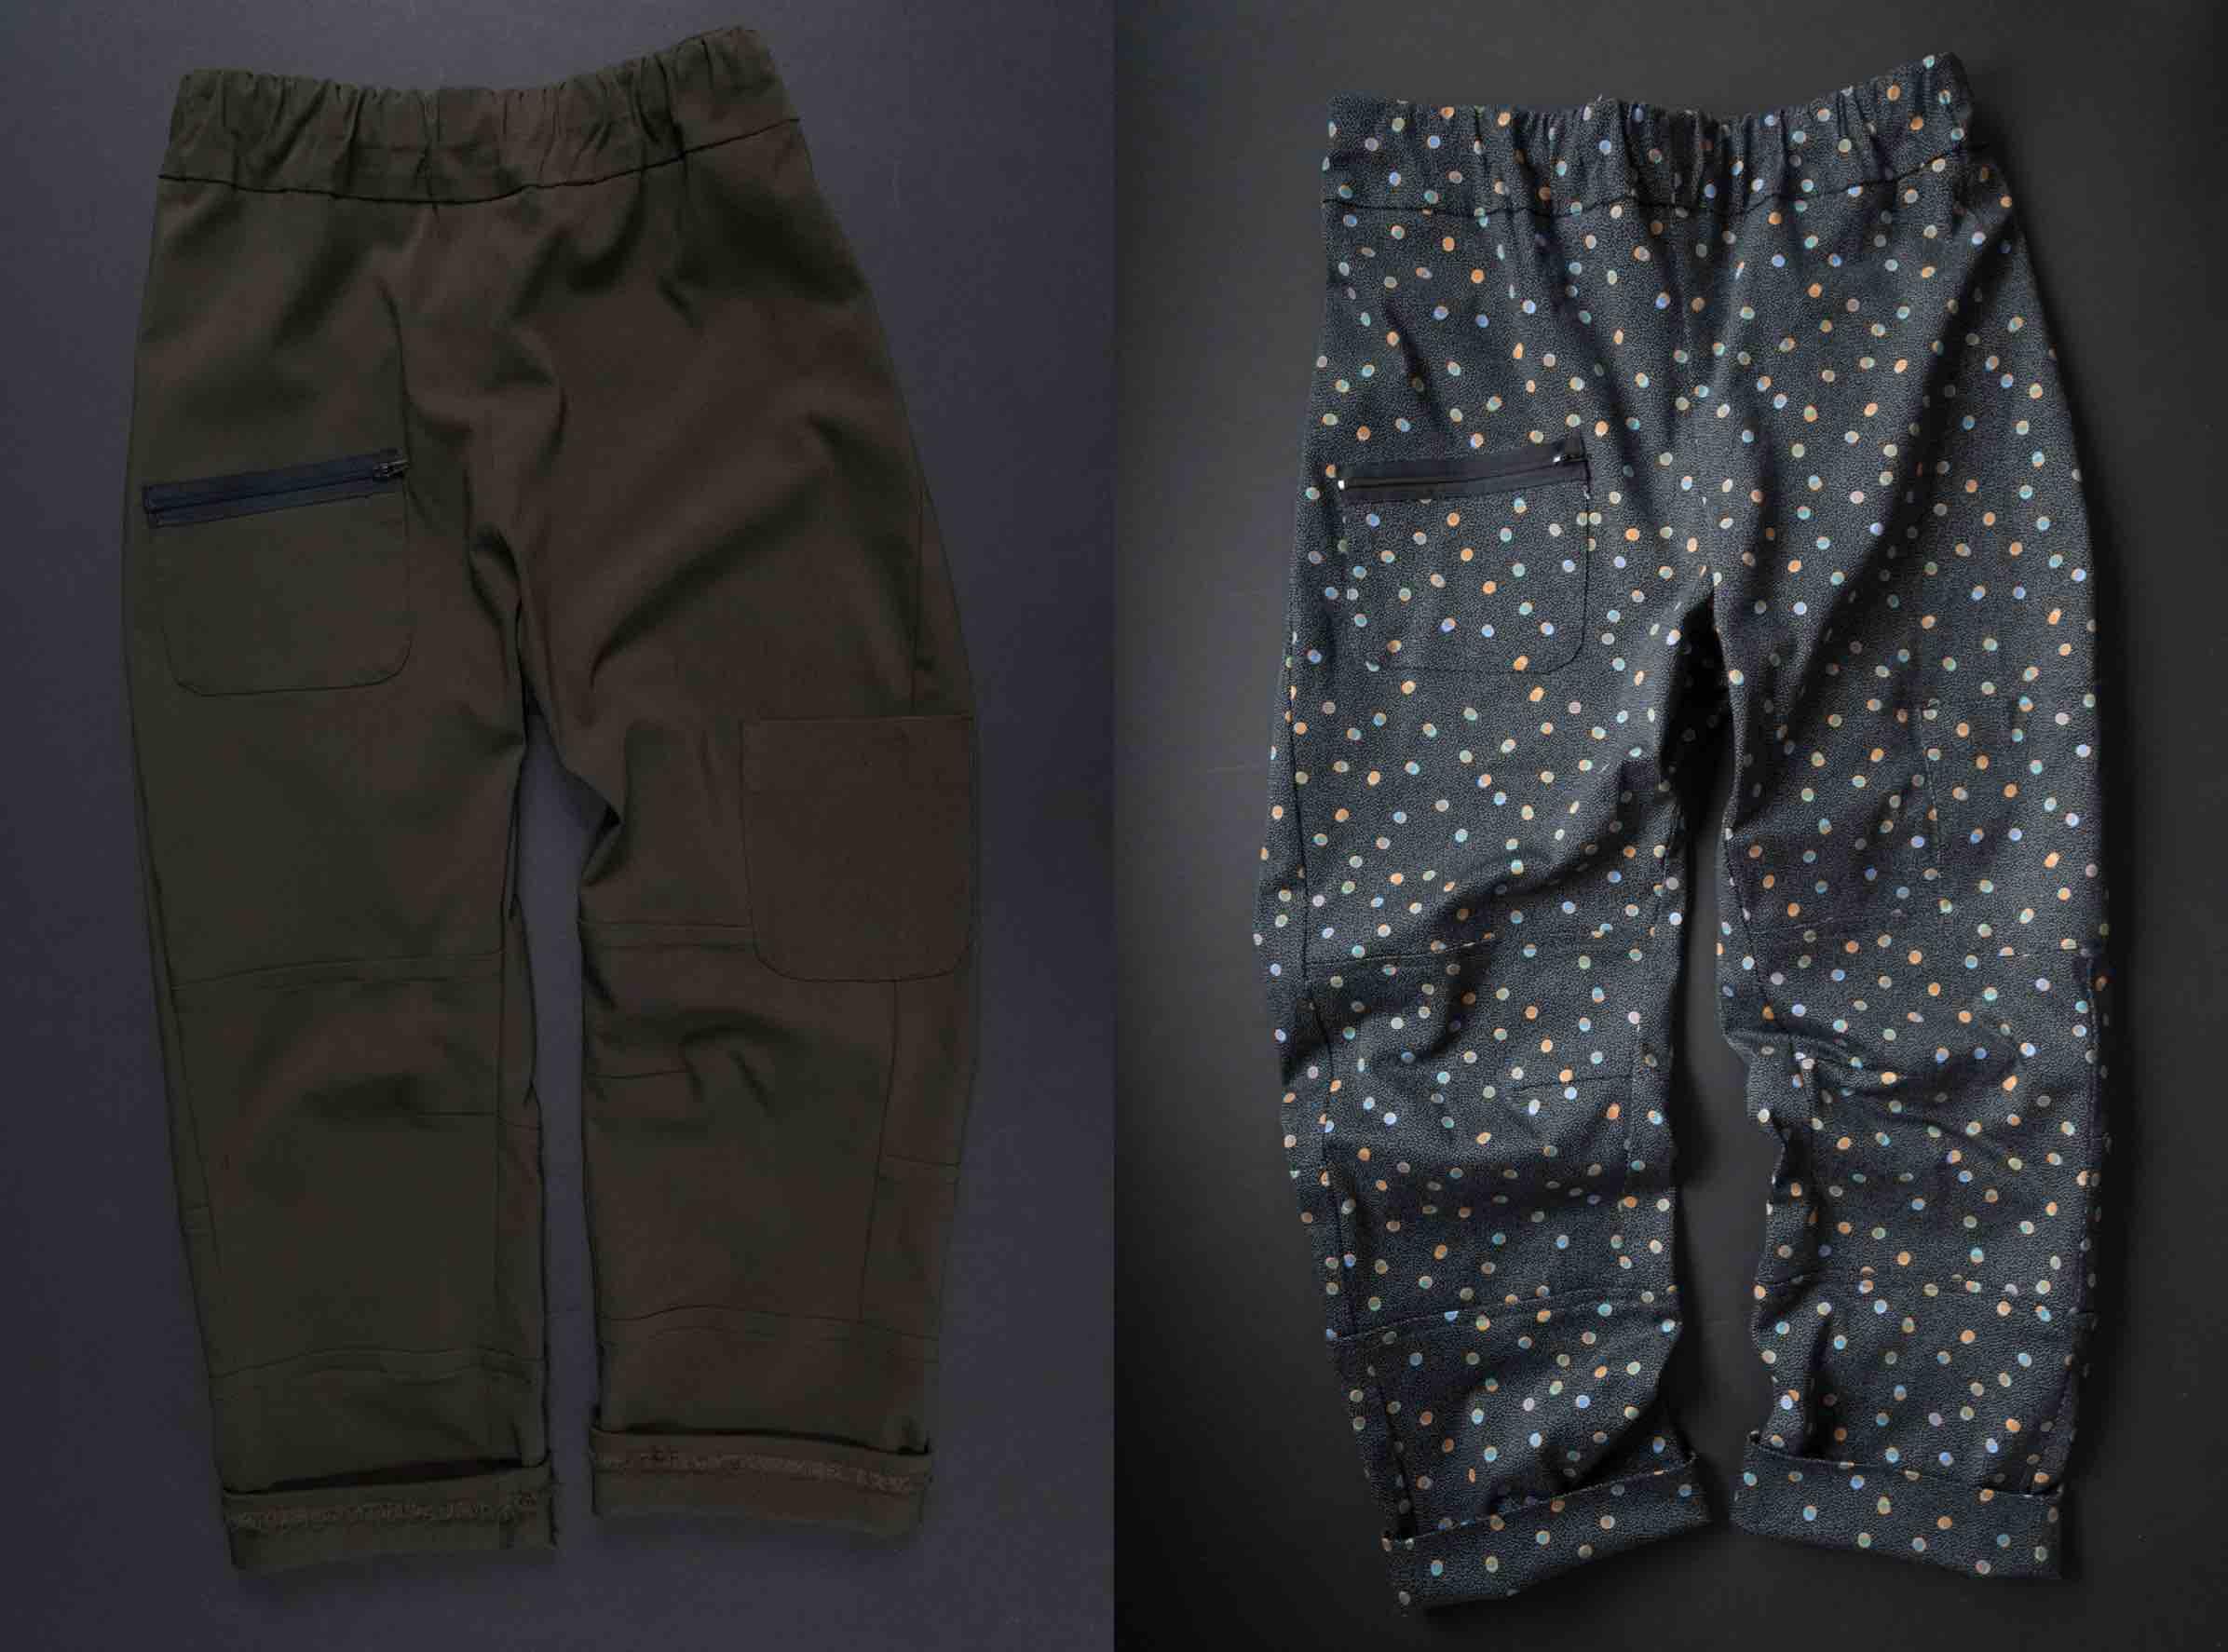 Vogue Patterns fashion designer Marcy Tilton shares sewing tips for her pant pattern design V9303.